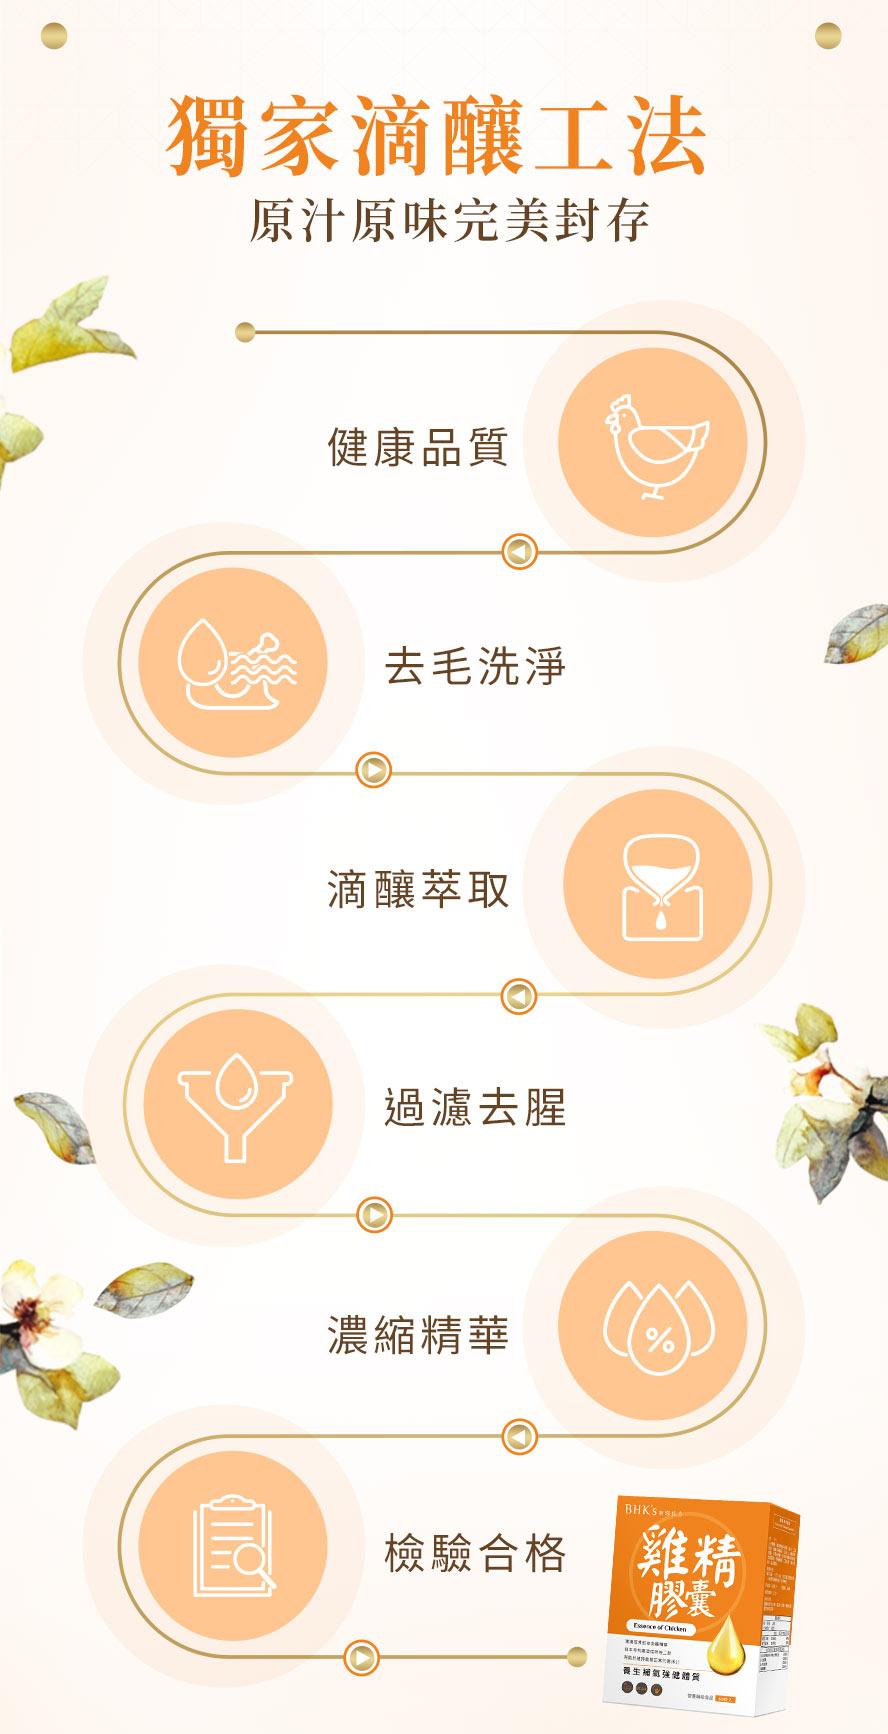 雞精膠囊獨家萃取技術,保留住雞精中最珍貴的活性成分,濃縮精華不流失,檢驗合格請安心食用.